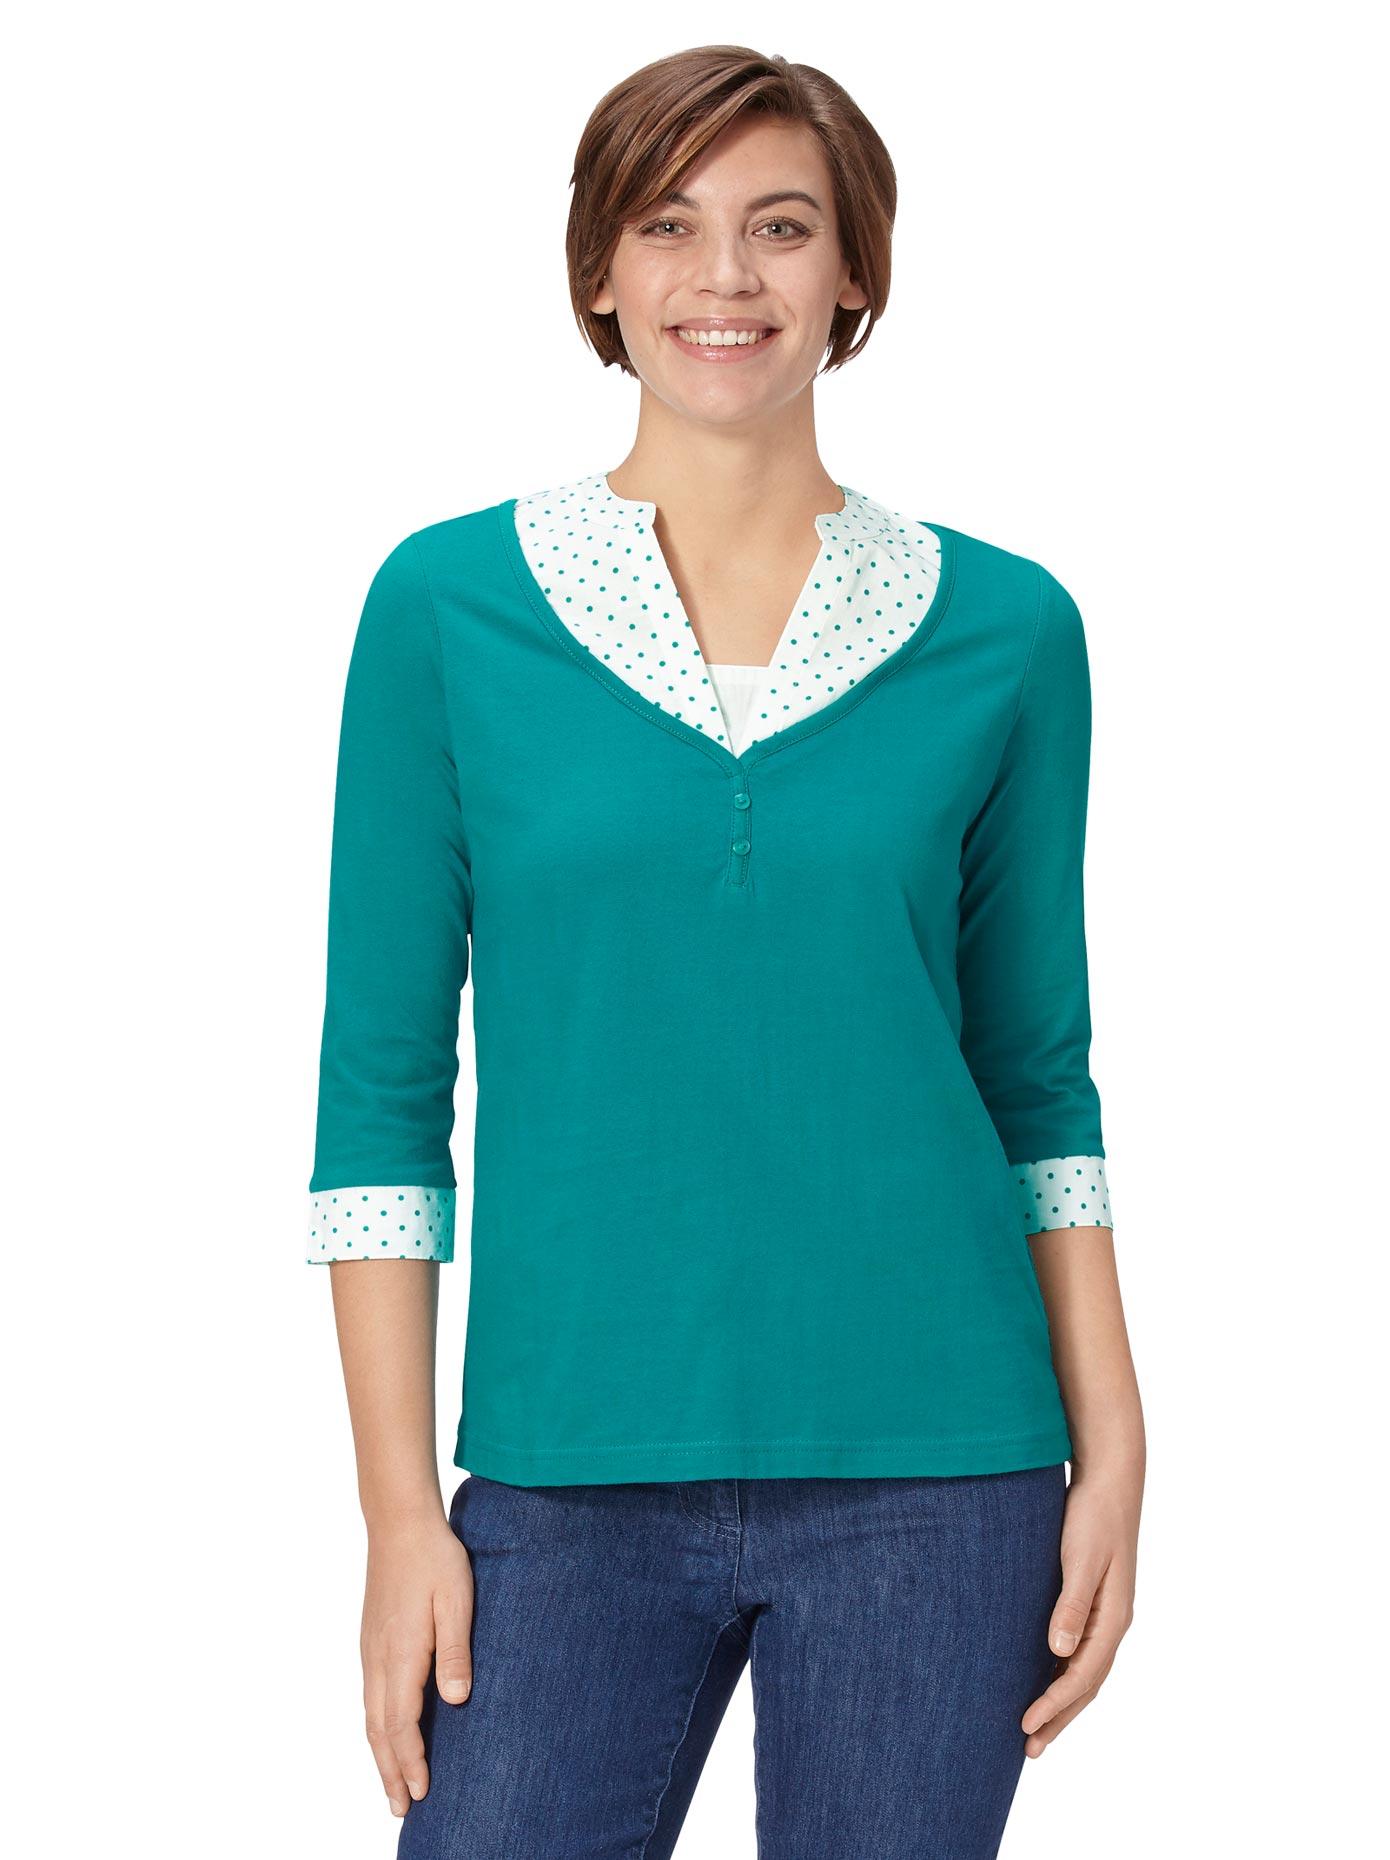 Classic Basics 2-in-1-Shirt mit geschlitzten Manschetten | Bekleidung > Shirts > 2-in-1 Shirts | Grün | Classic Basics